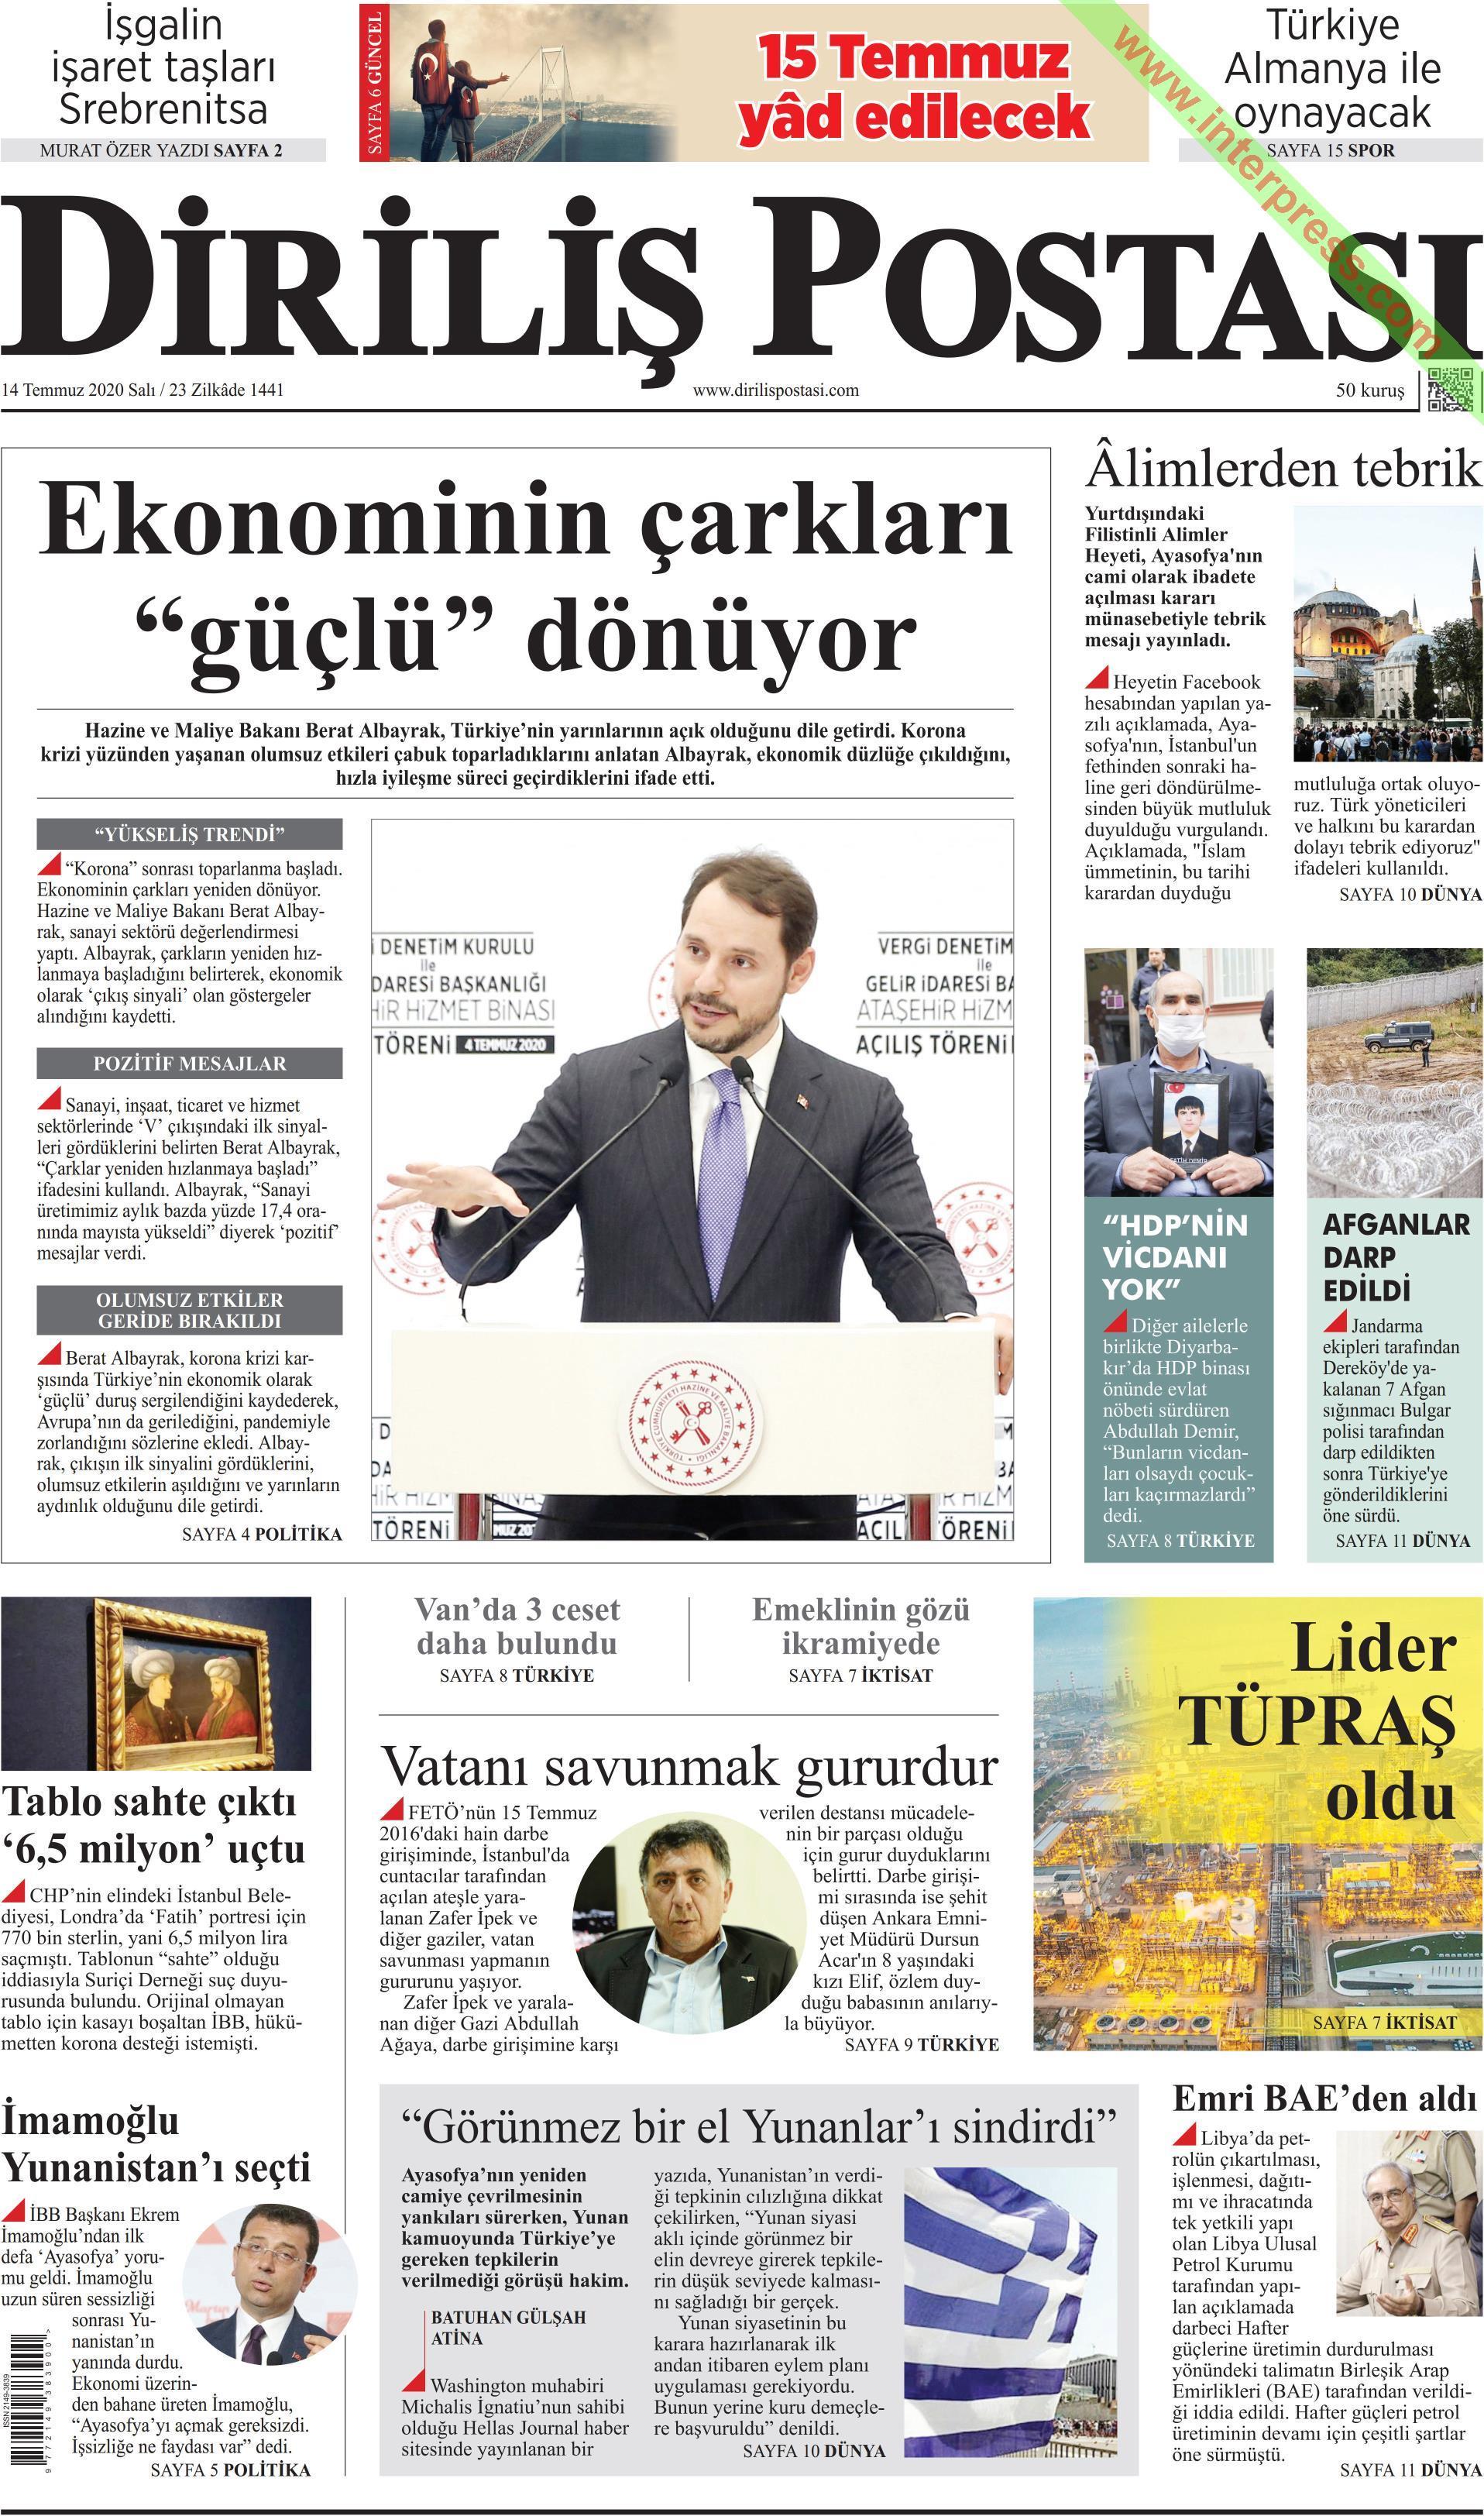 Diriliş Postası gazetesi manşet ilk sayfa oku